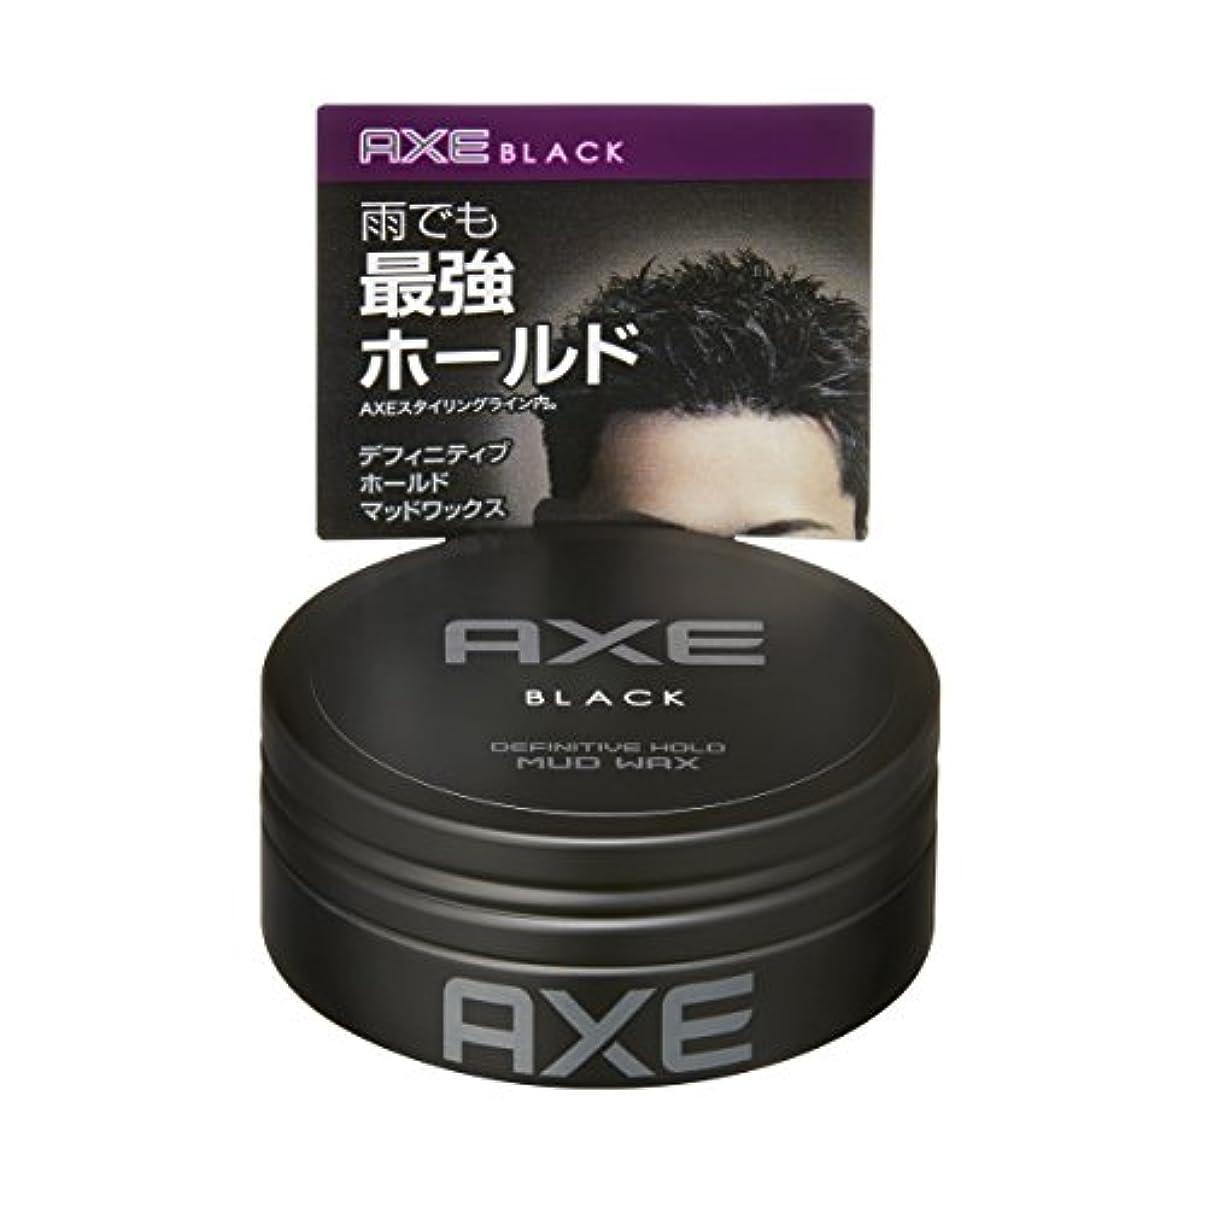 どうやって理容師方法論アックス ブラック メンズスタイリング マッドワックス (ハードな立ち上げ) 65g